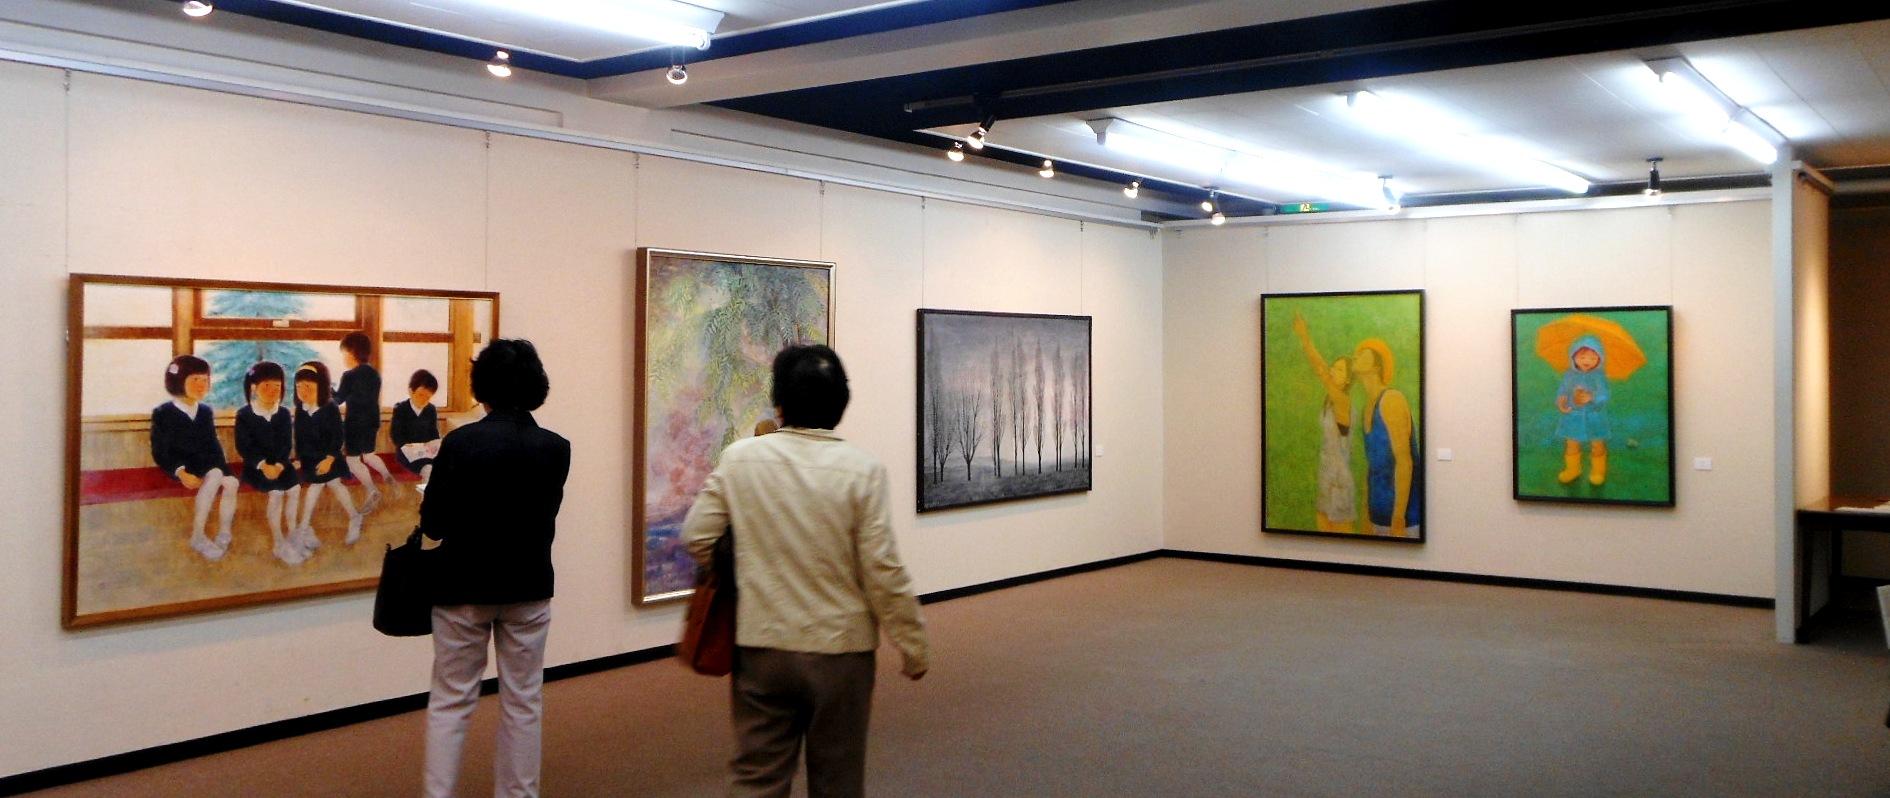 1773)②「北の日本画展 第27回」 時計台 終了5月21日(月)~5月26日(土)_f0126829_9112060.jpg